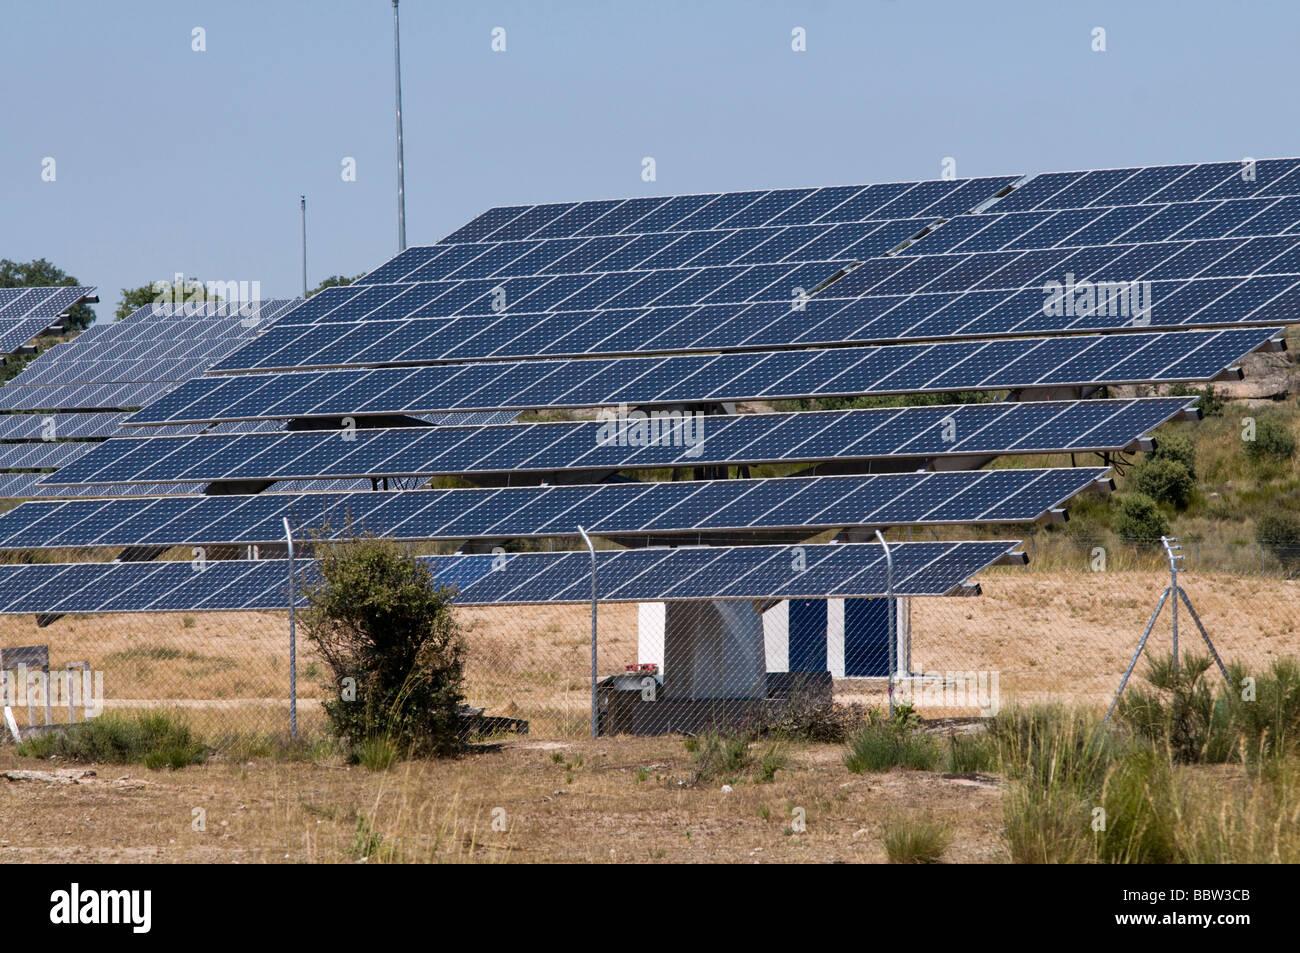 Centro de energía solar en la provincia de Zamora, España Imagen De Stock